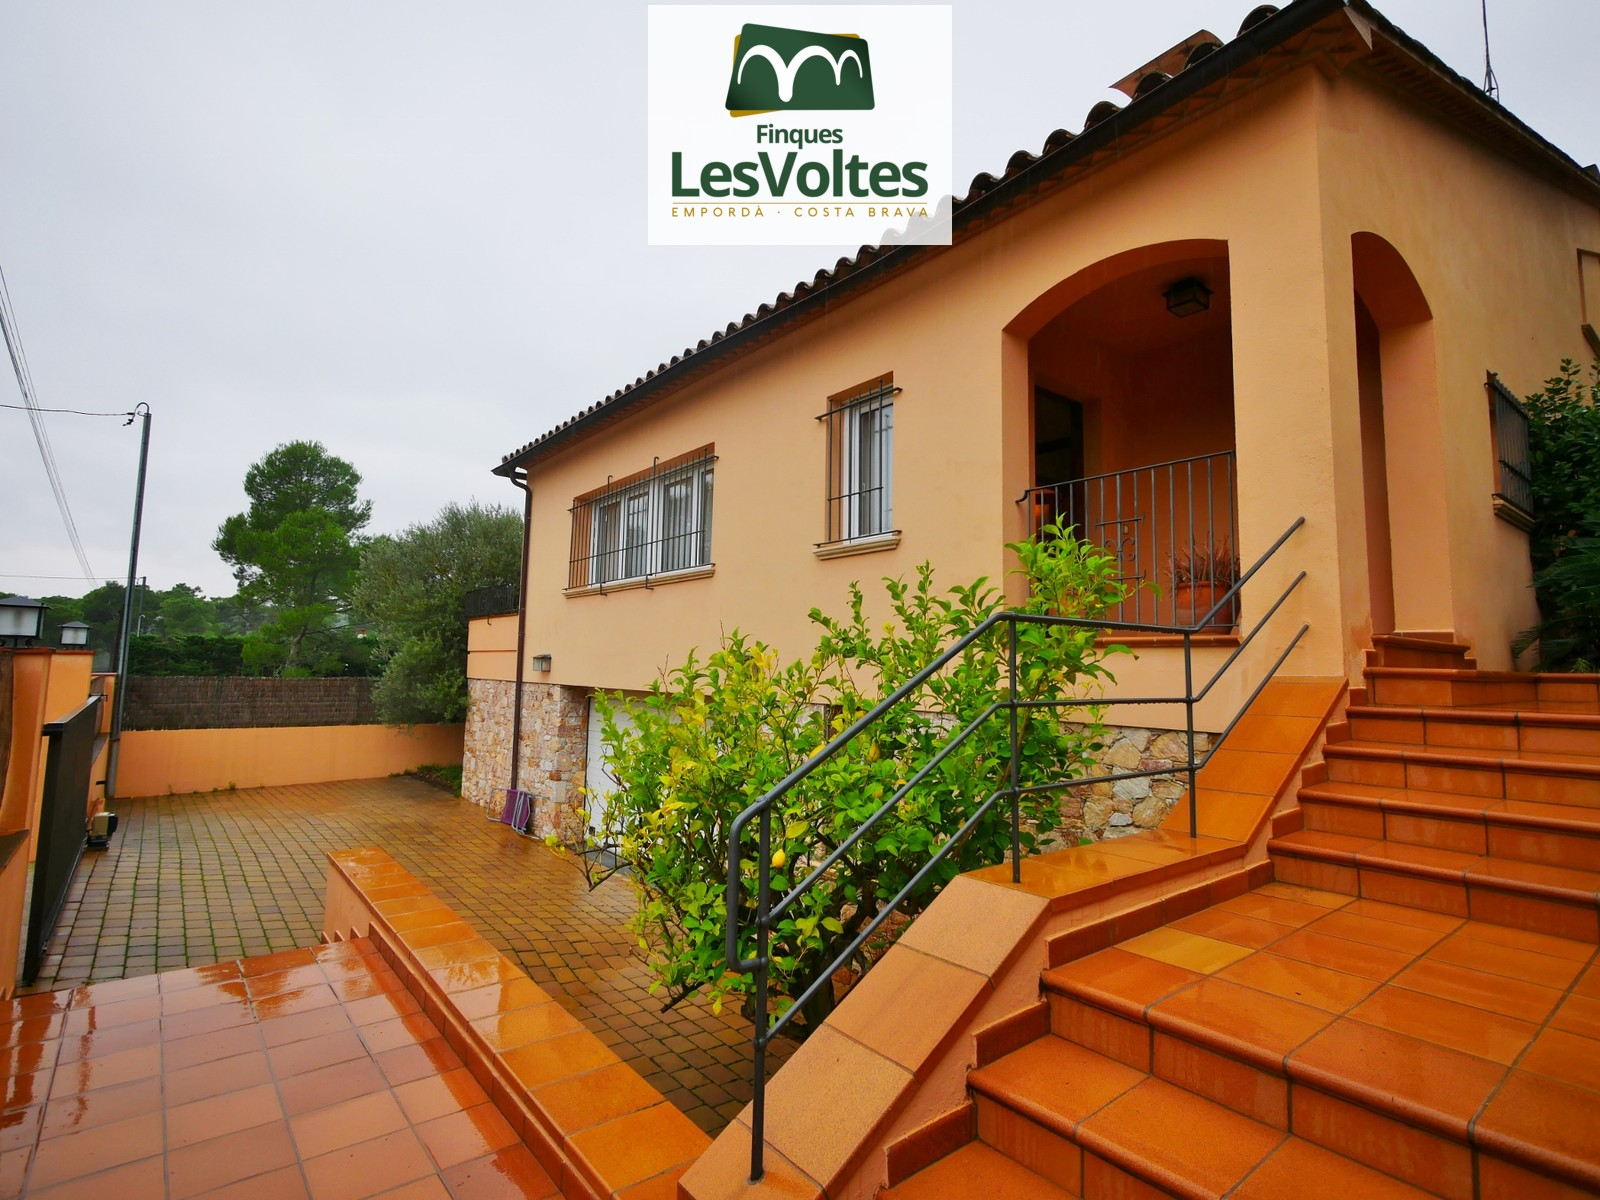 Casa unifamiliar amb jardí i piscina en venda a Begur. Situada en  zona residencial tranquil·la.